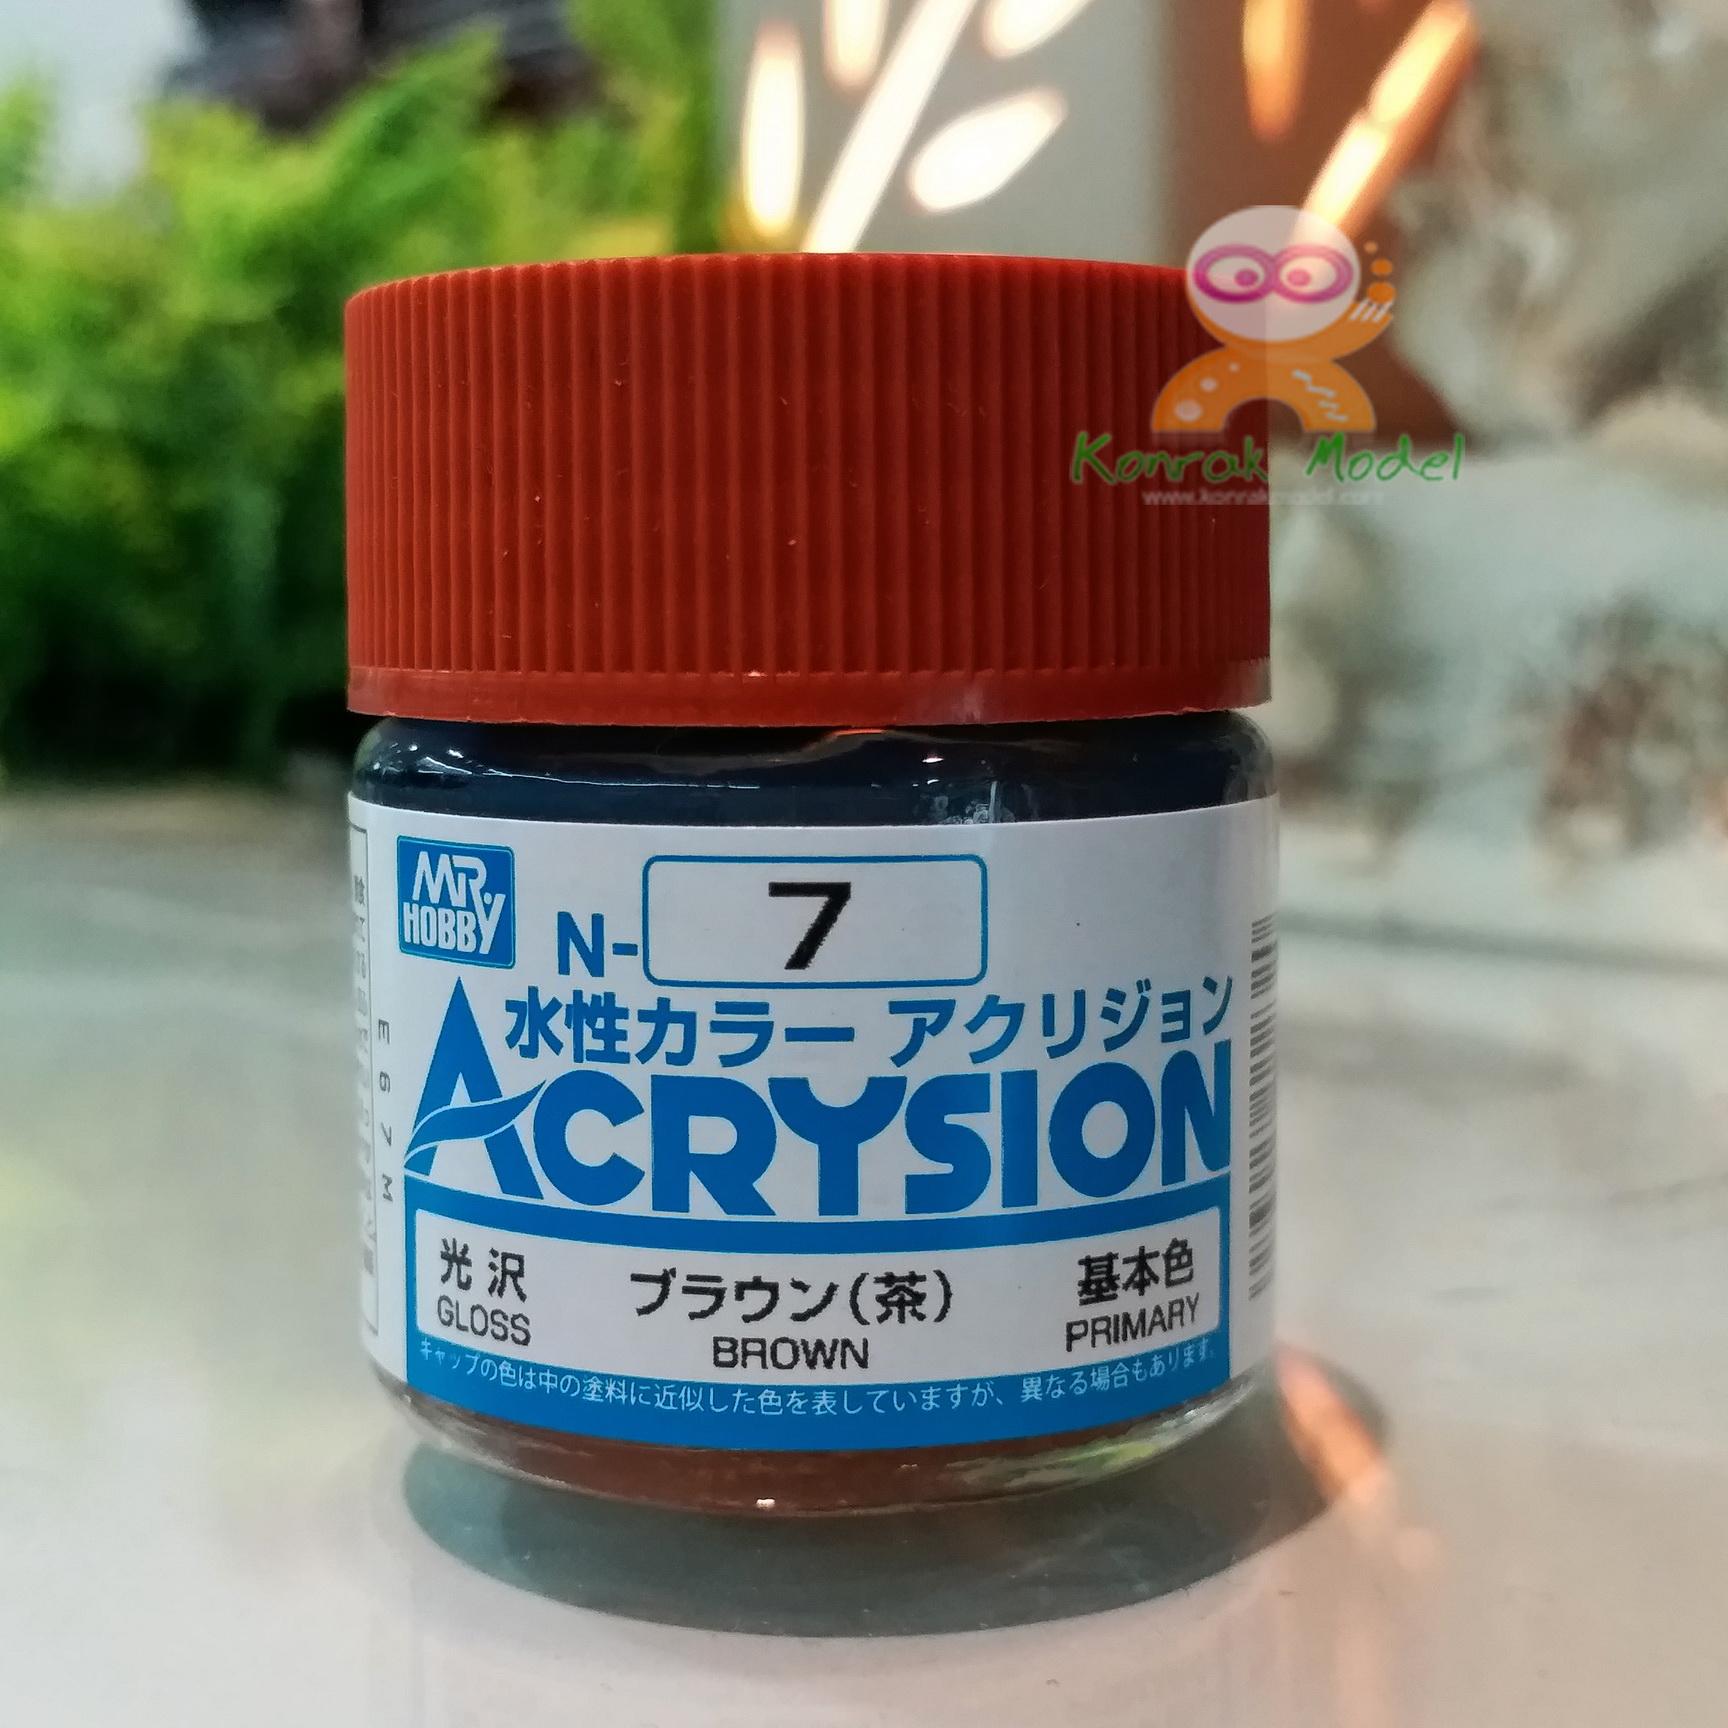 N7 BROWN (Gloss)